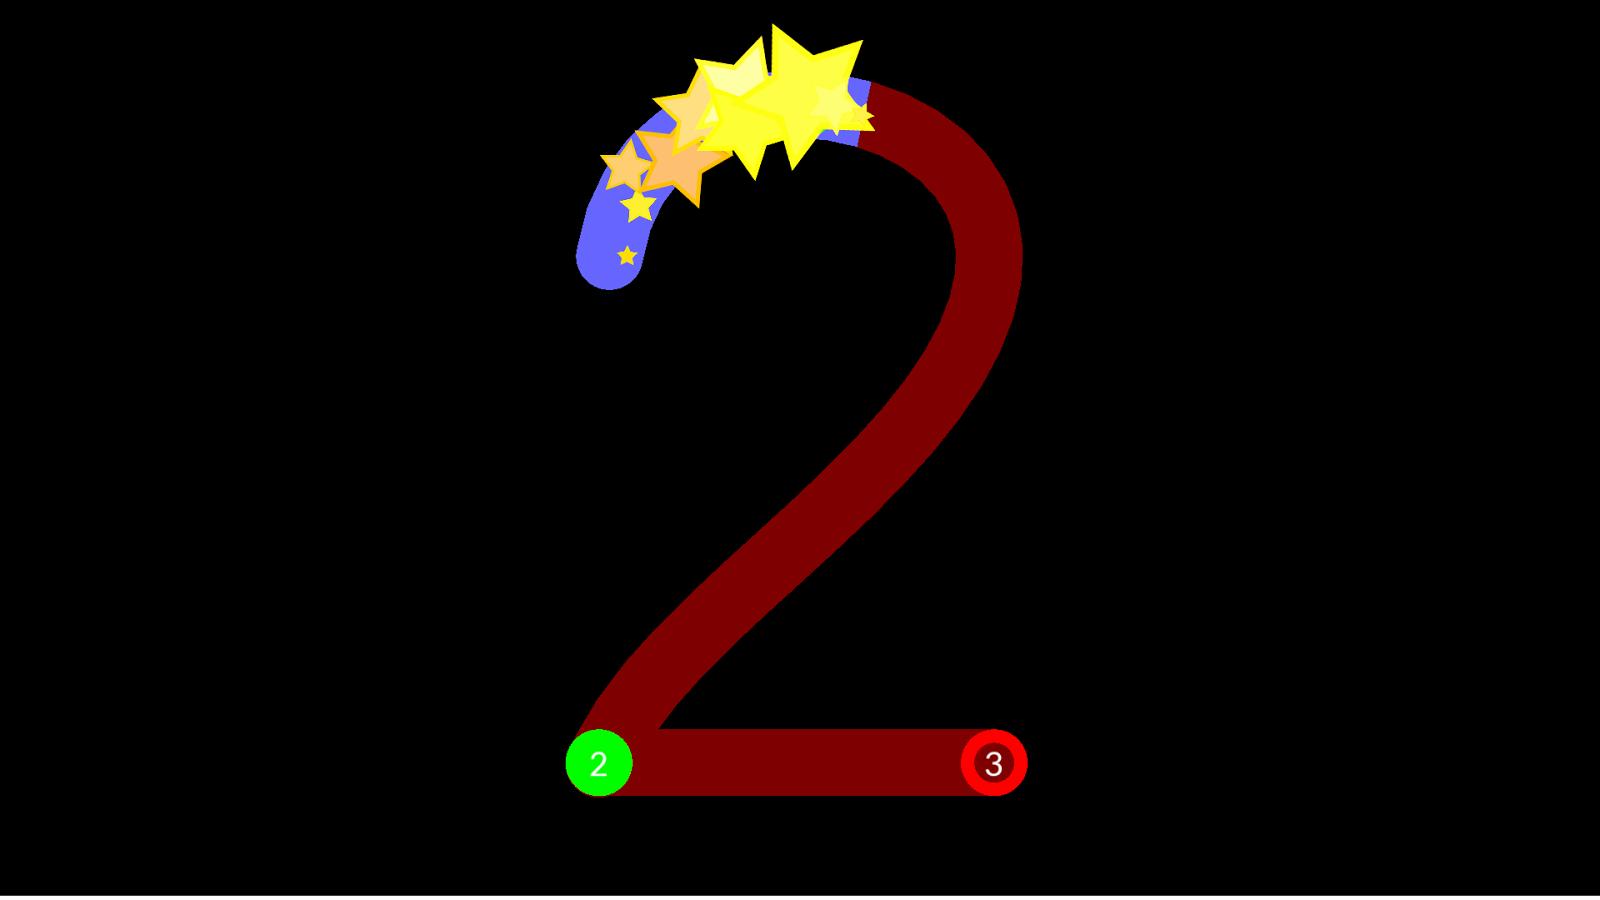 Kindergarten Mathematik - Zahlen EDU android spiele download